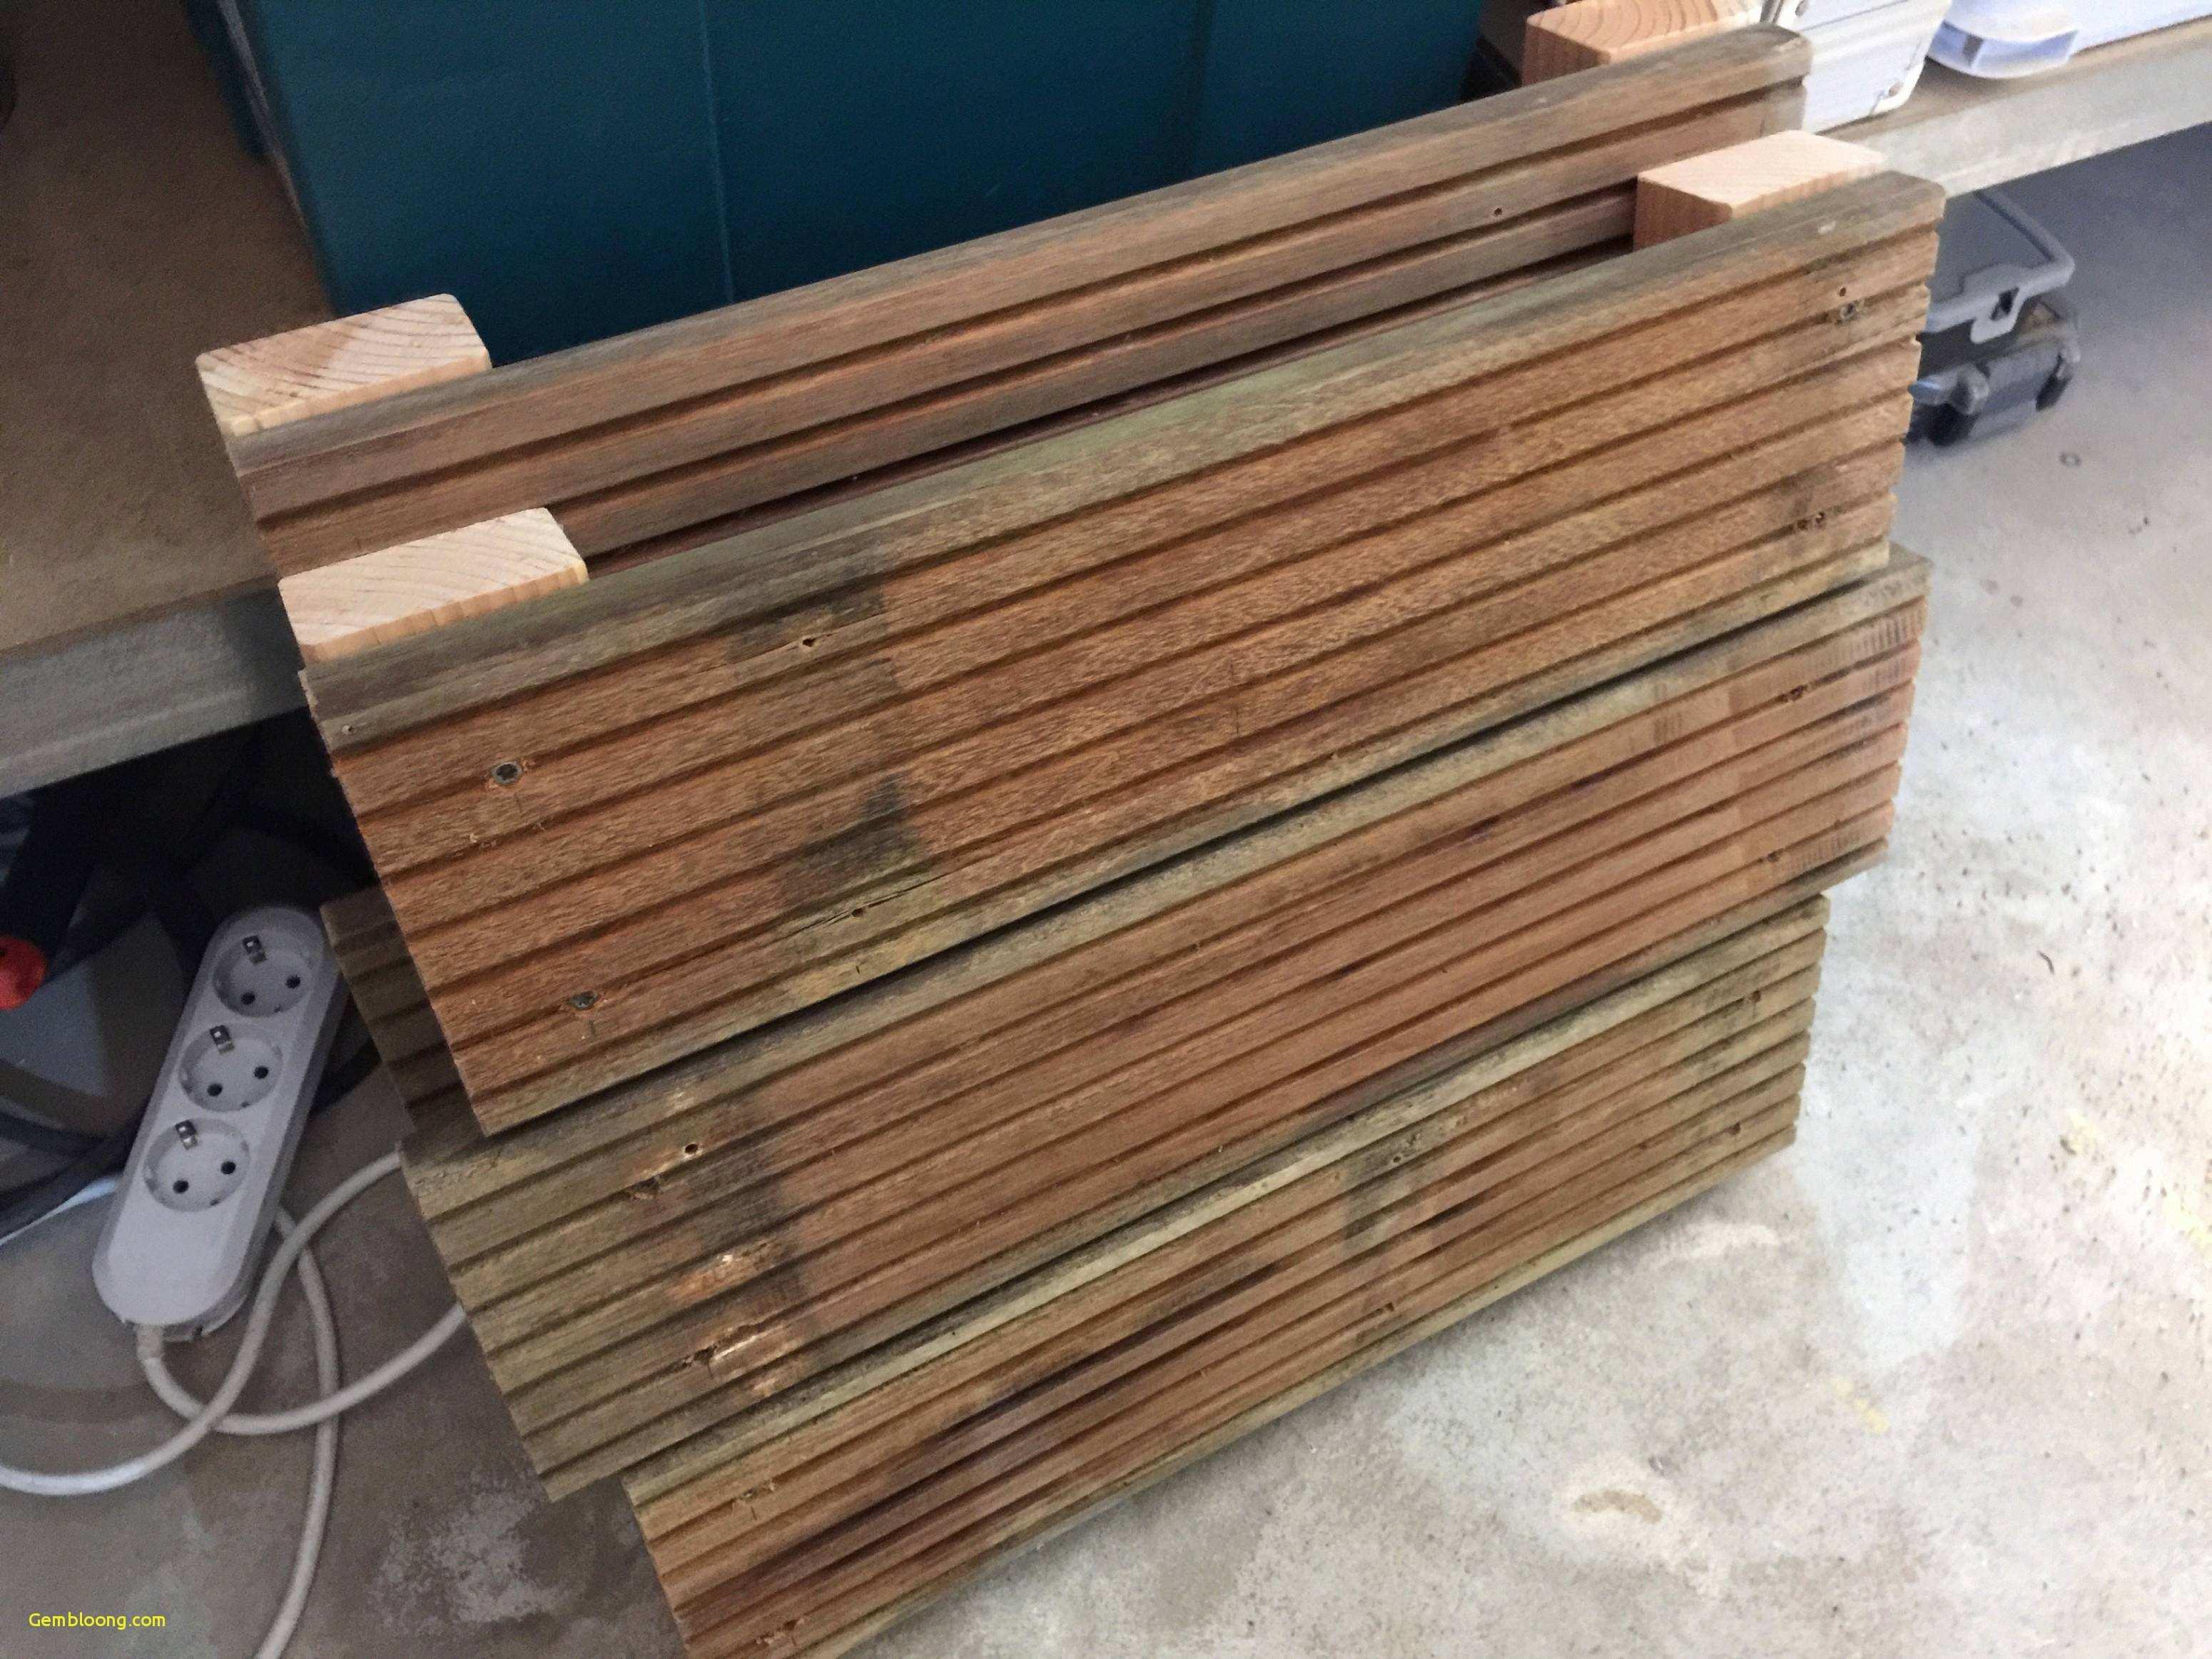 baker hardwood flooring barnegat nj of wood for floors facesinnature intended for flooring nj furniture design hard wood flooring new 0d grace place barnegat nj